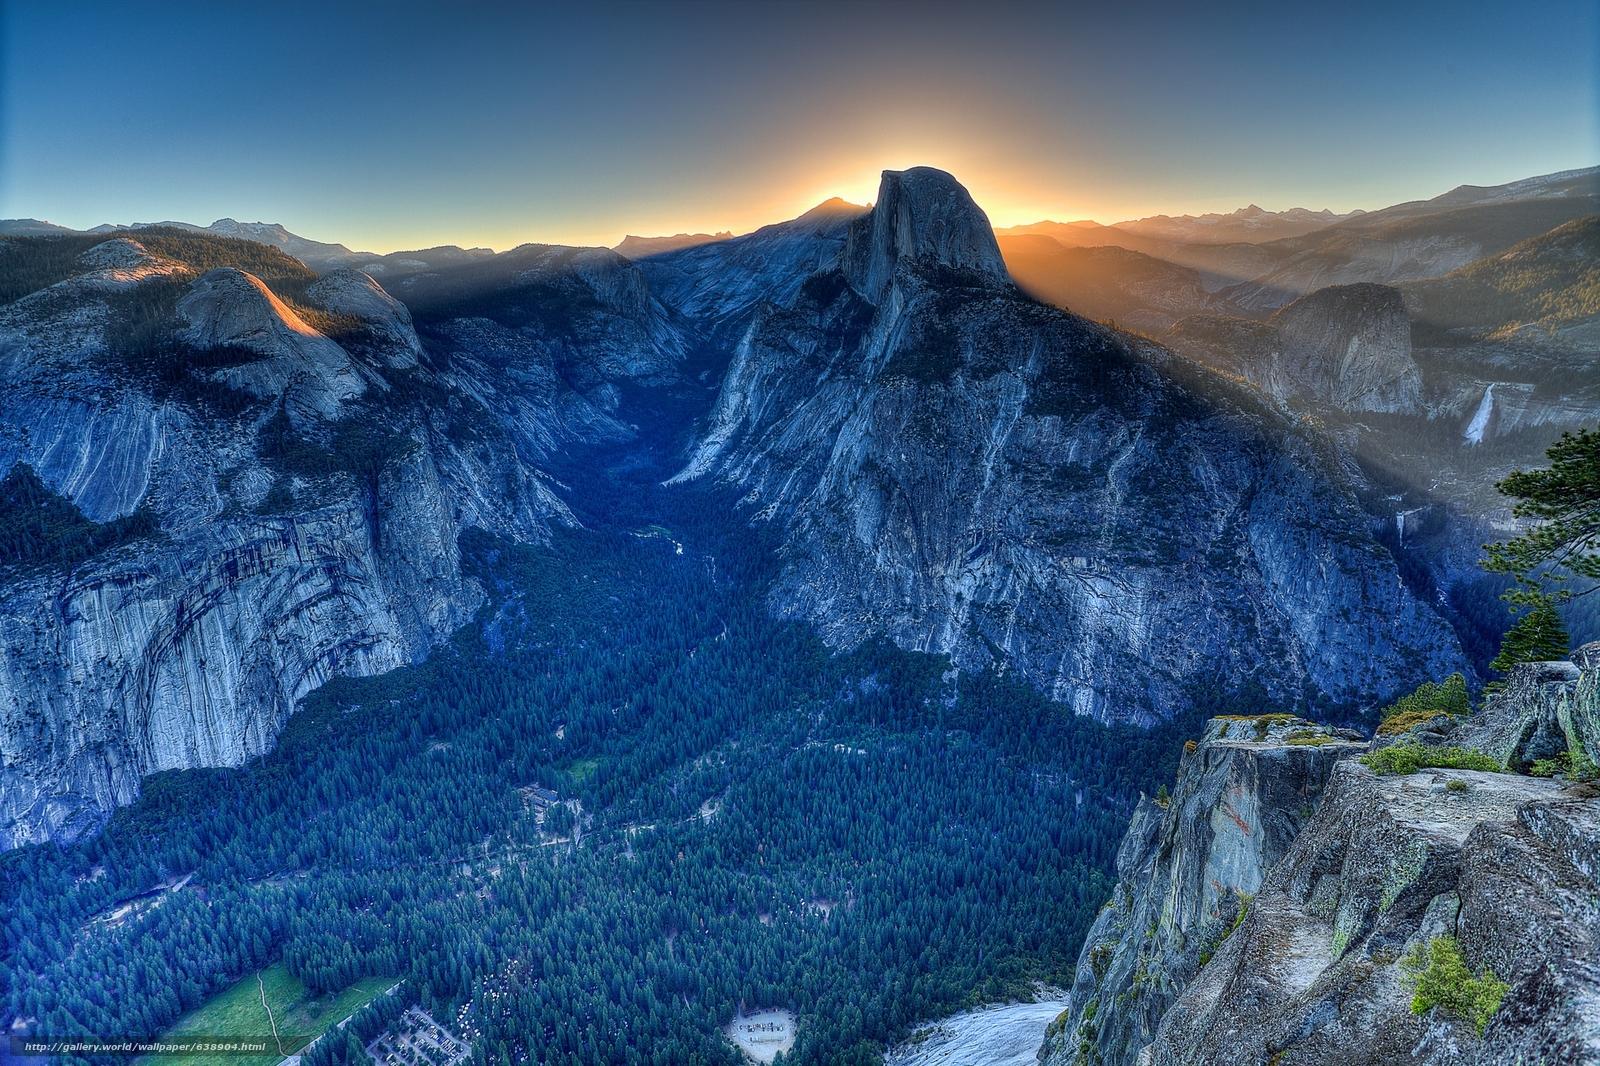 Скачать обои Glacier Point,  Yosemite Valley,  California,  USA бесплатно для рабочего стола в разрешении 2048x1364 — картинка №638904